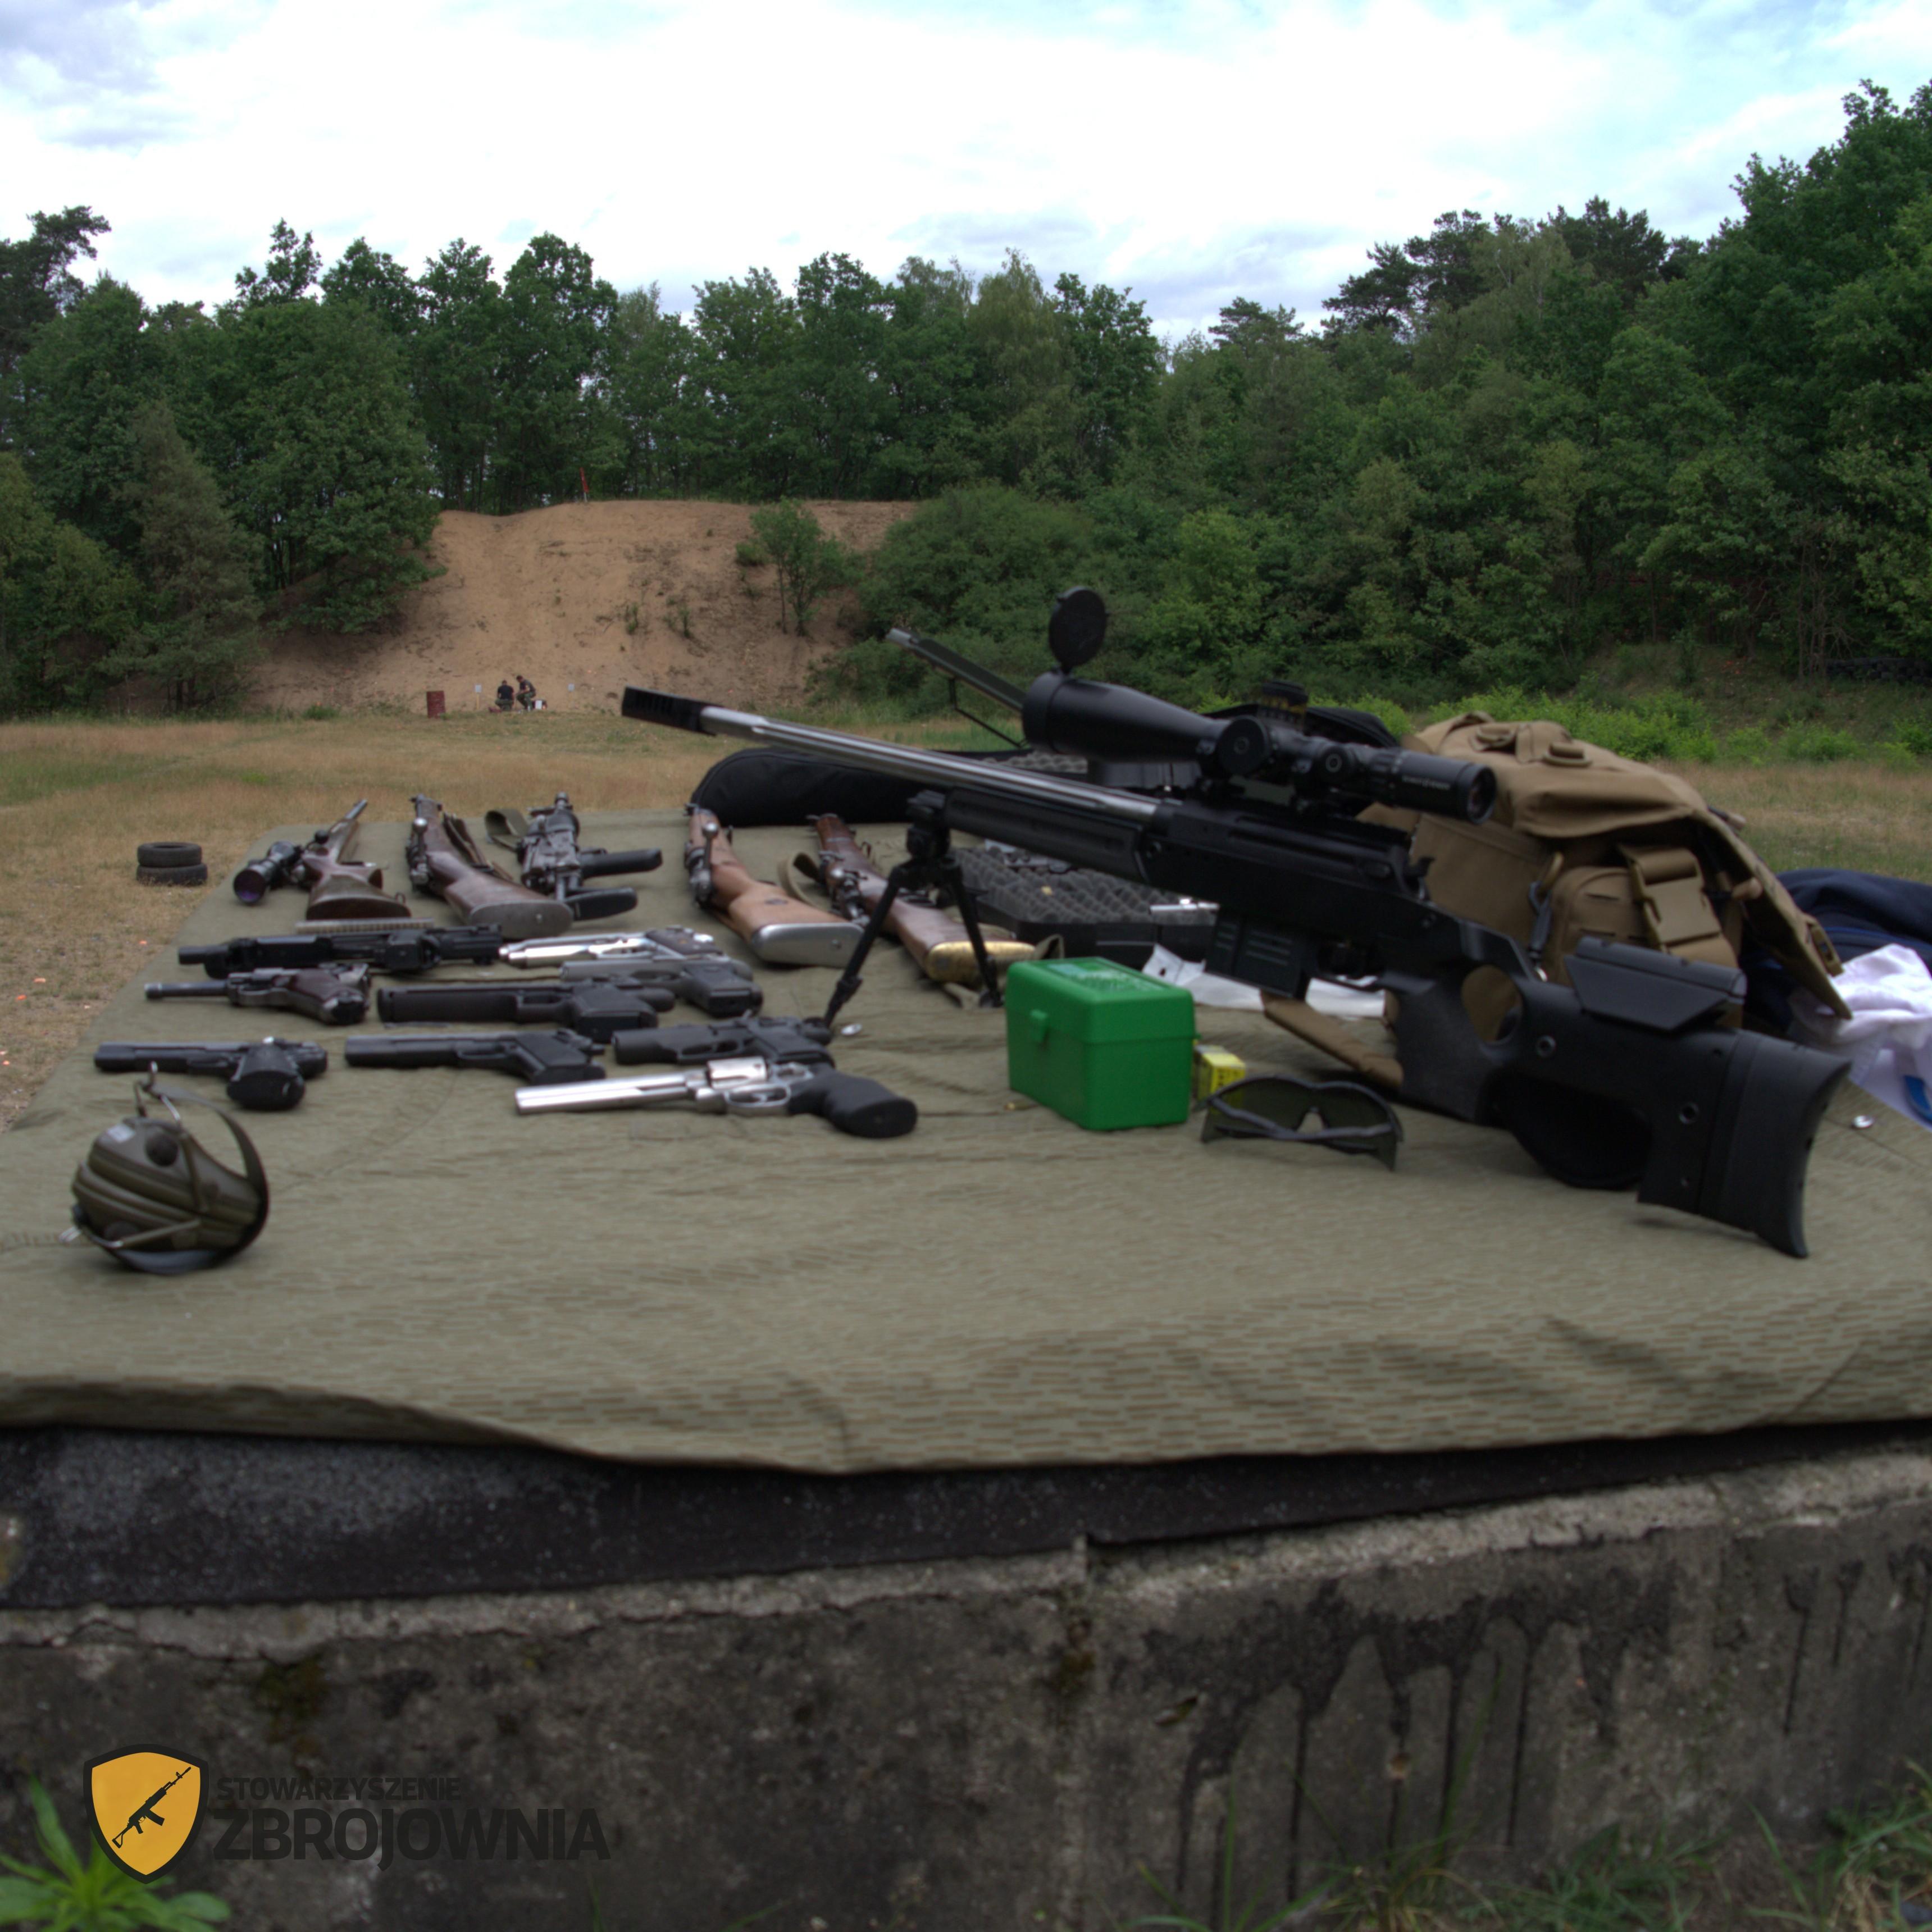 Szkolenie - Balistyka (Wstęp do strzelectwa precyzyjnego)